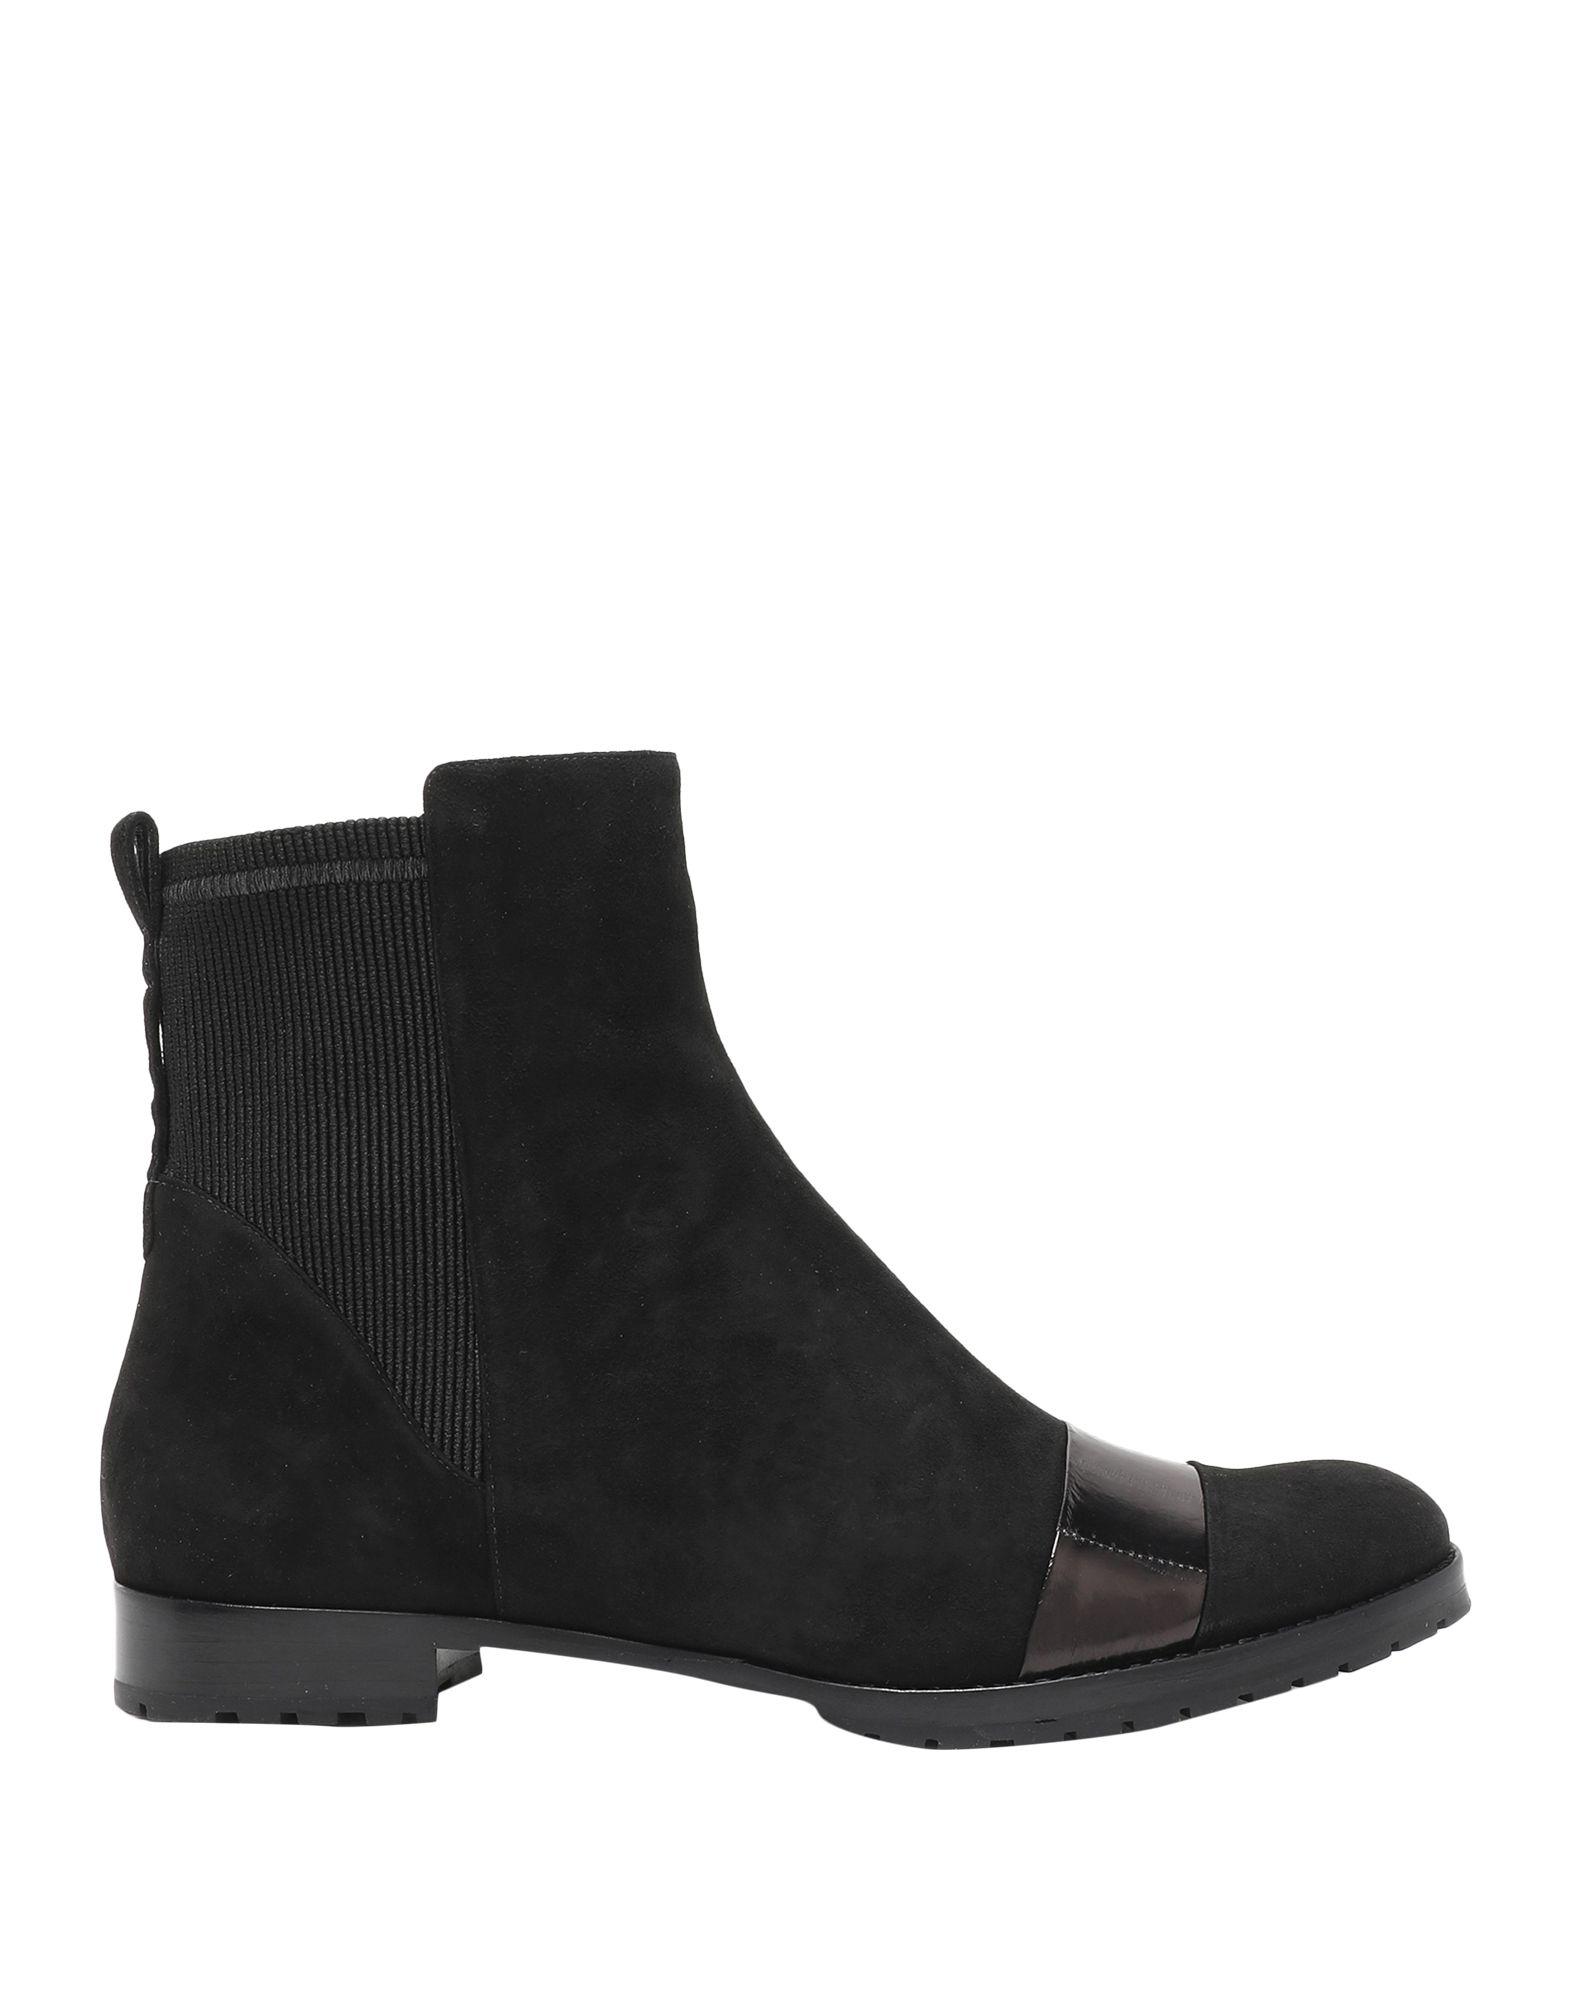 《送料無料》ALEXANDRE BIRMAN レディース ショートブーツ ブラック 36.5 革 / 伸縮繊維